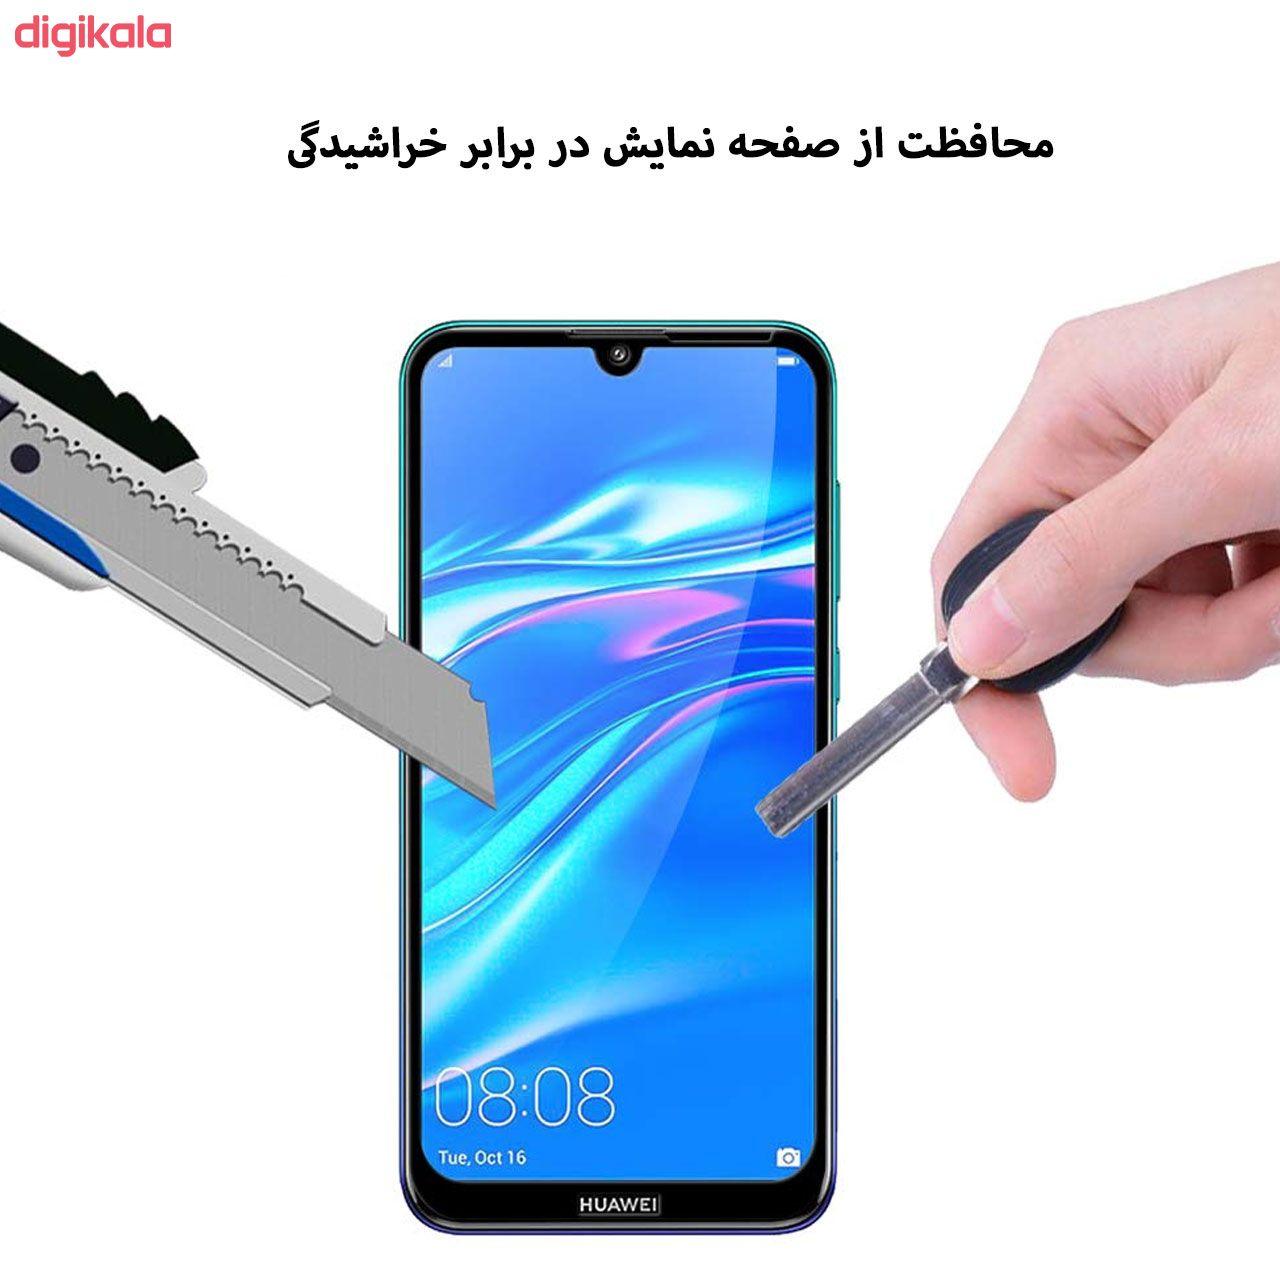 محافظ صفحه نمایش تراستکتور مدل GSS مناسب برای گوشی موبایل هوآوی Y7 Prime 2019 بسته 5 عددی main 1 6